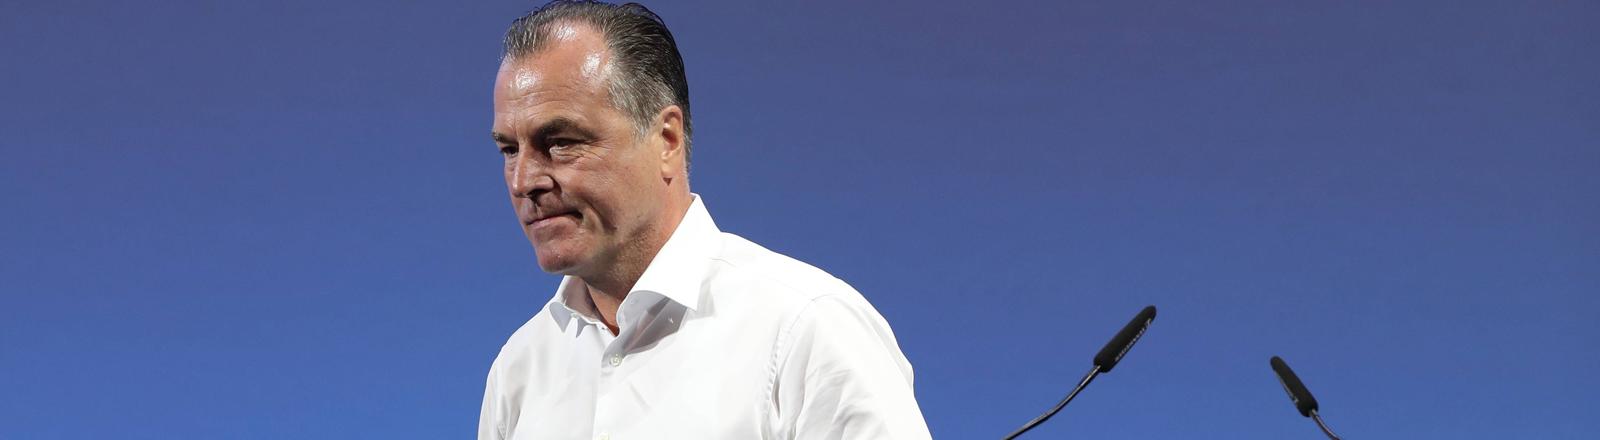 Clemens Tönnies bei der Mitgliederversammlung des FC Schalke 04 am 30.06.2019